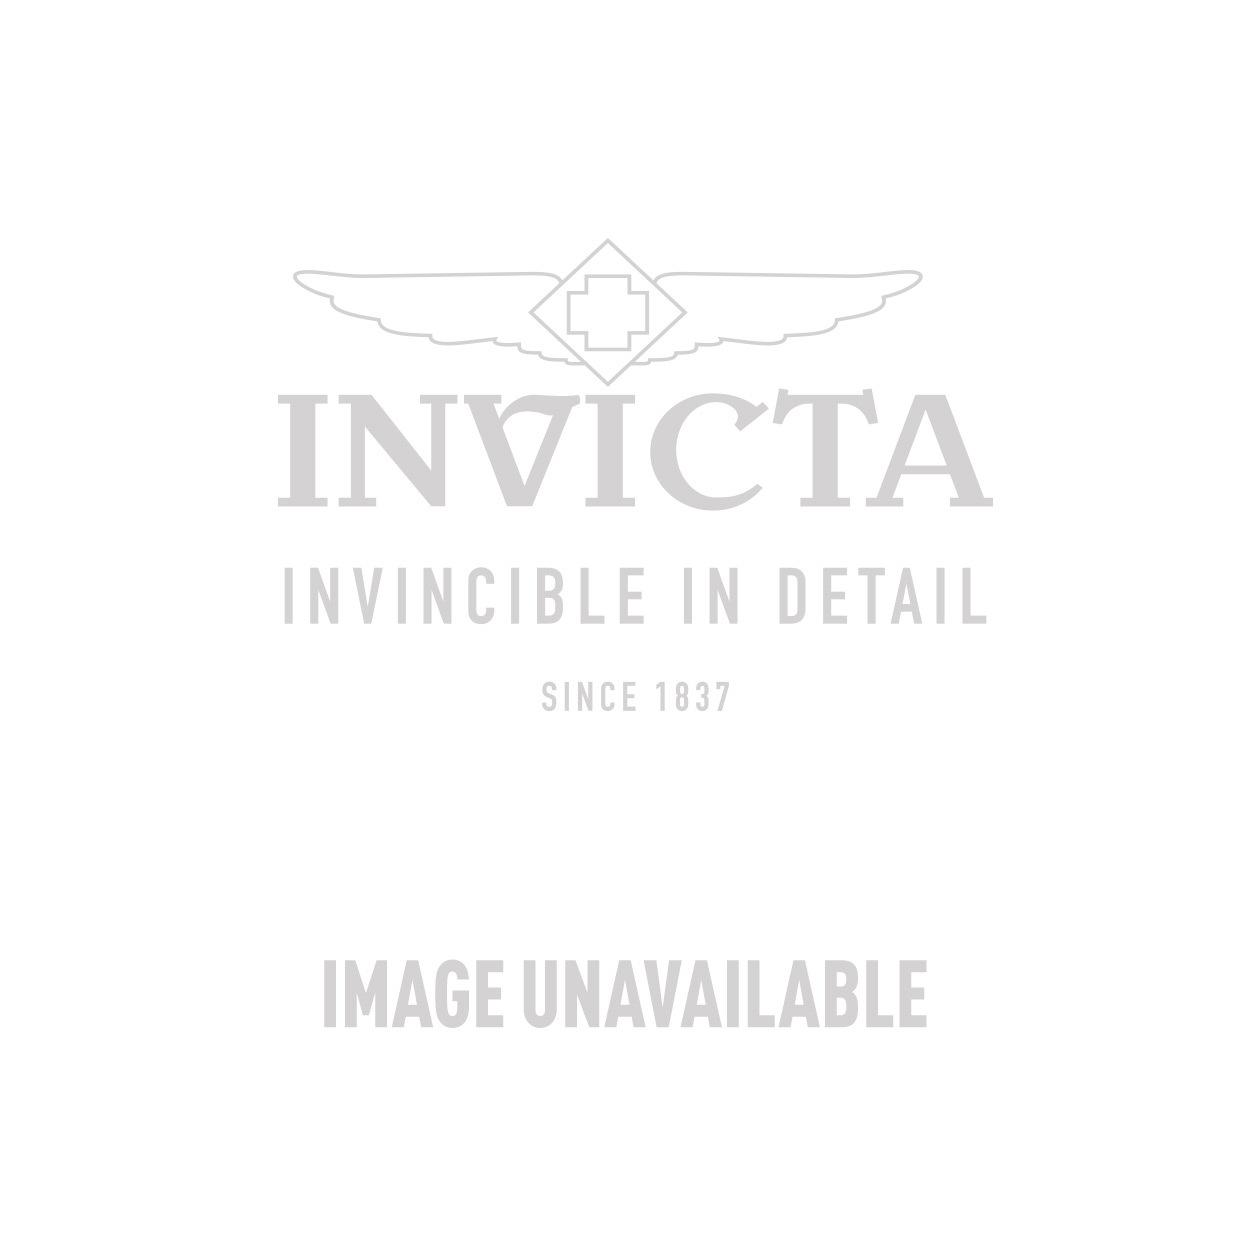 Invicta Model 29483